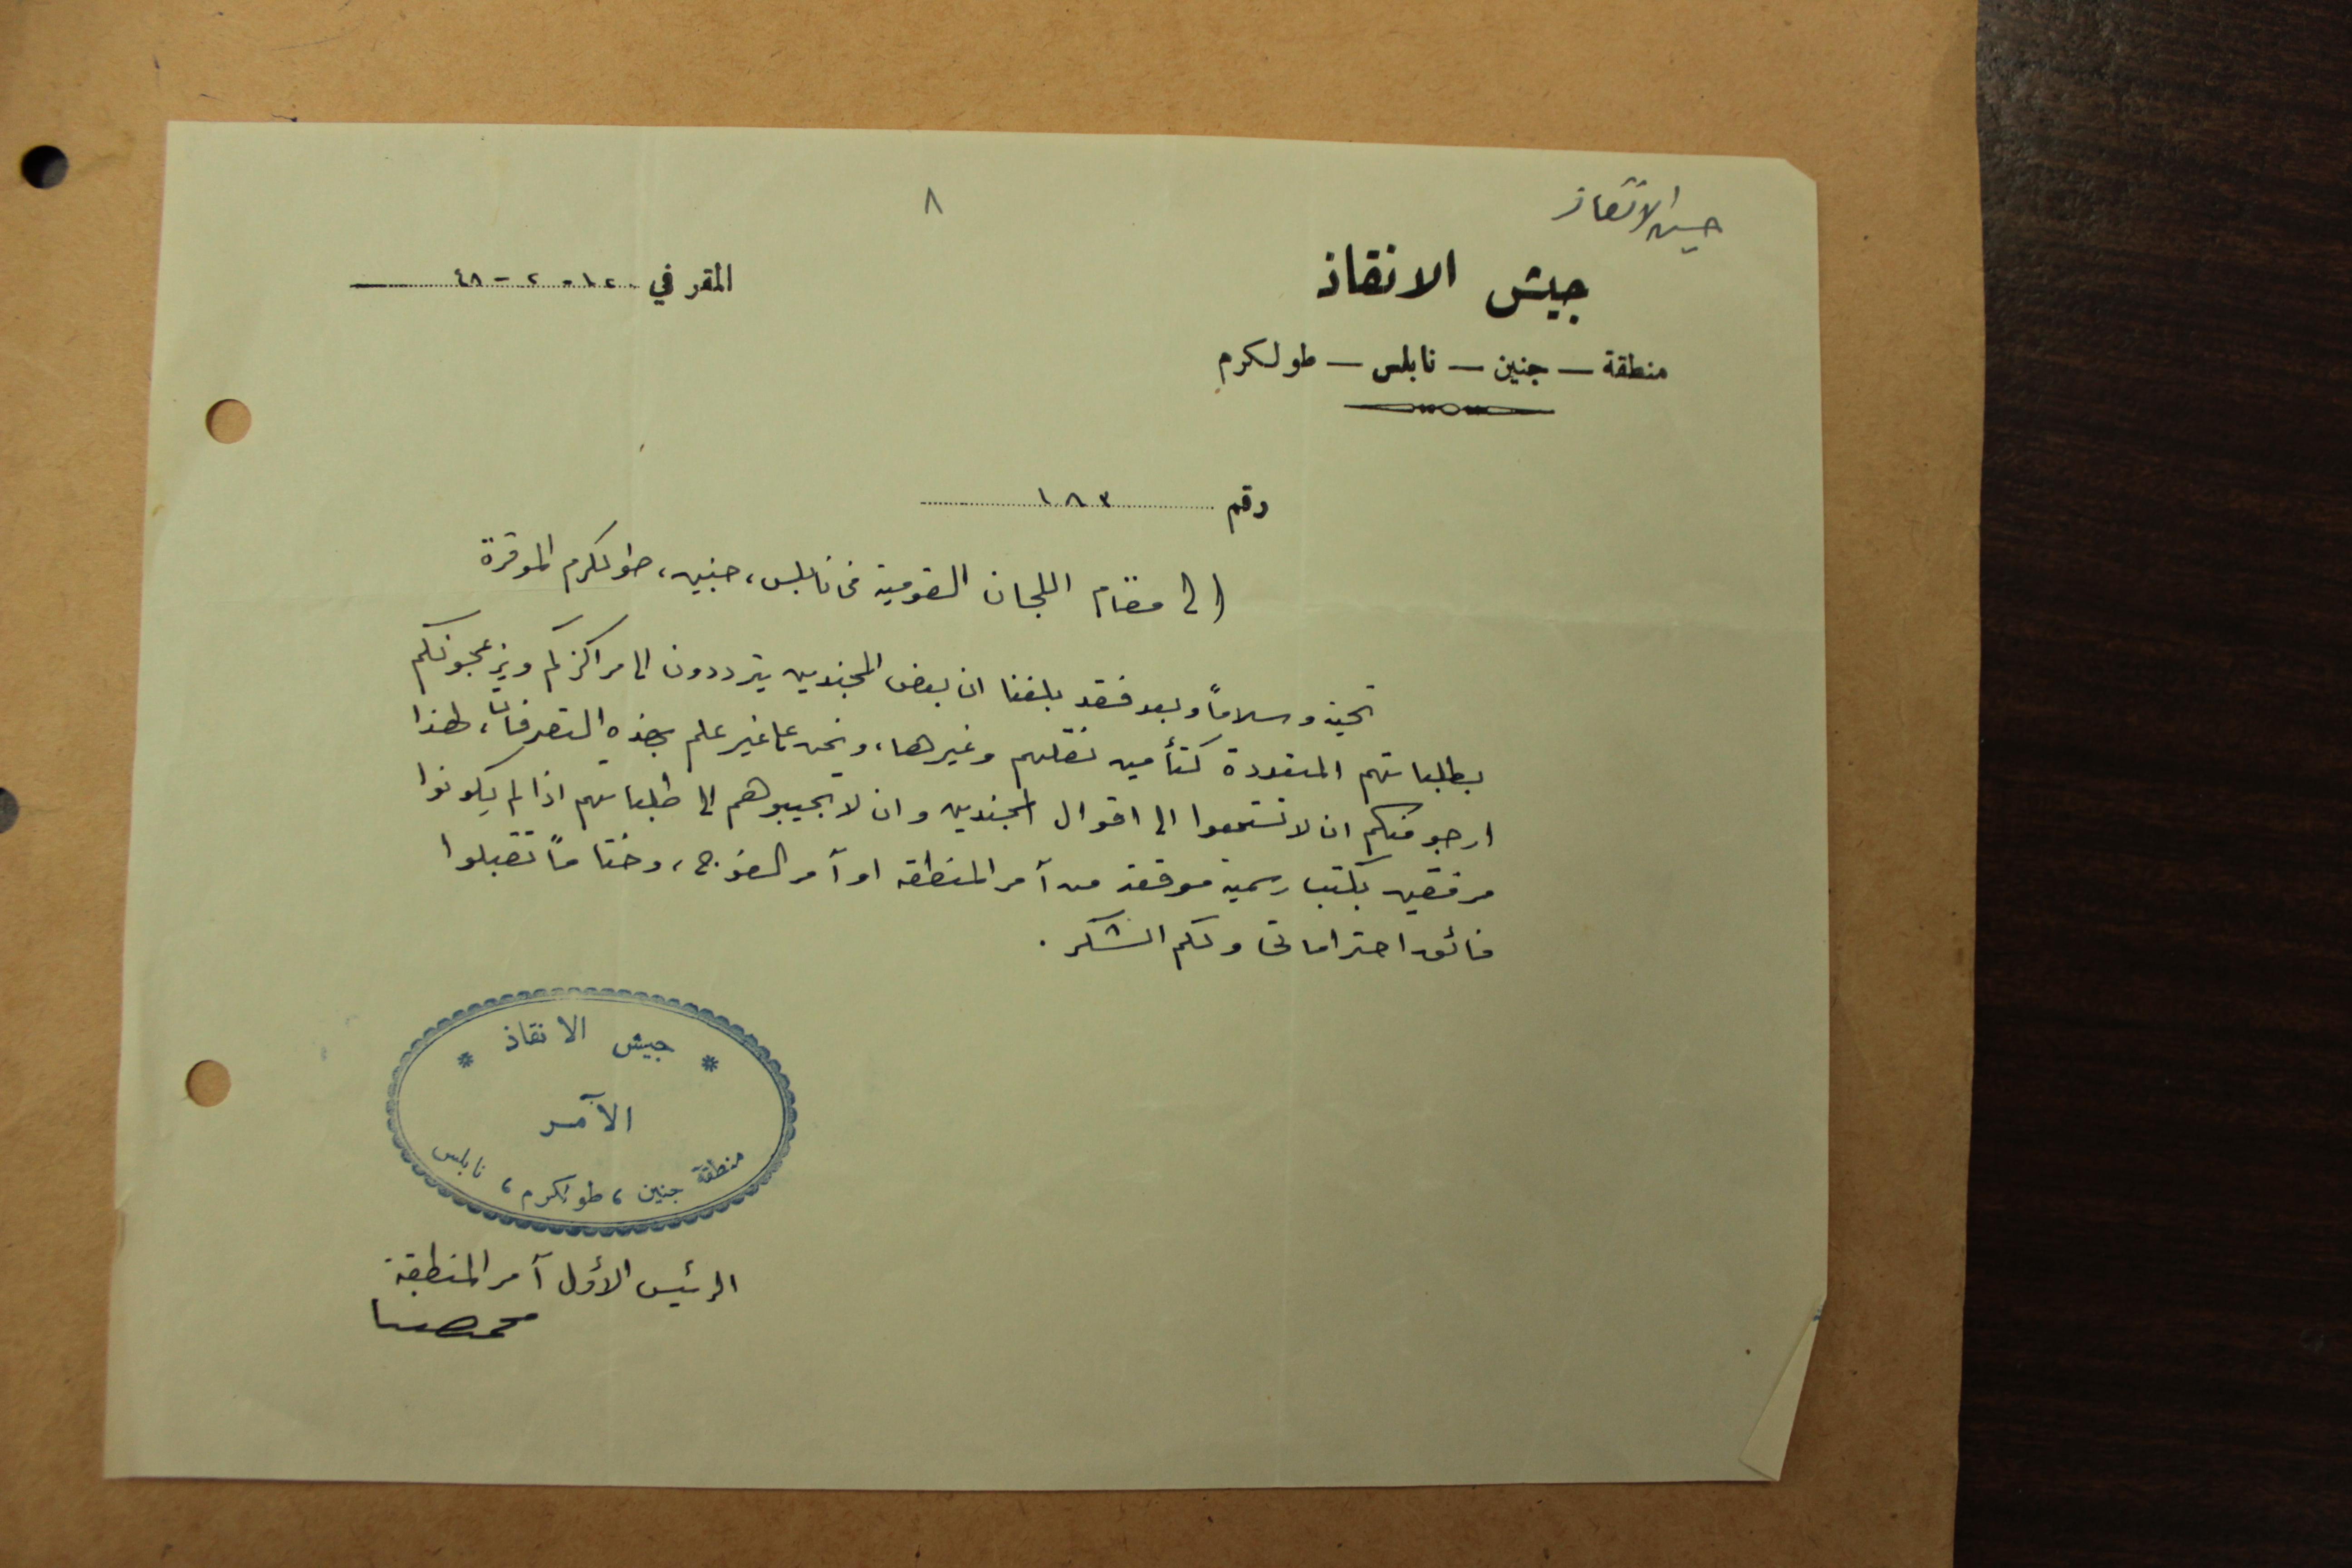 جبهة الانقاذ الخاصة بالشؤون العسكرية عام 1948 (8).JPG